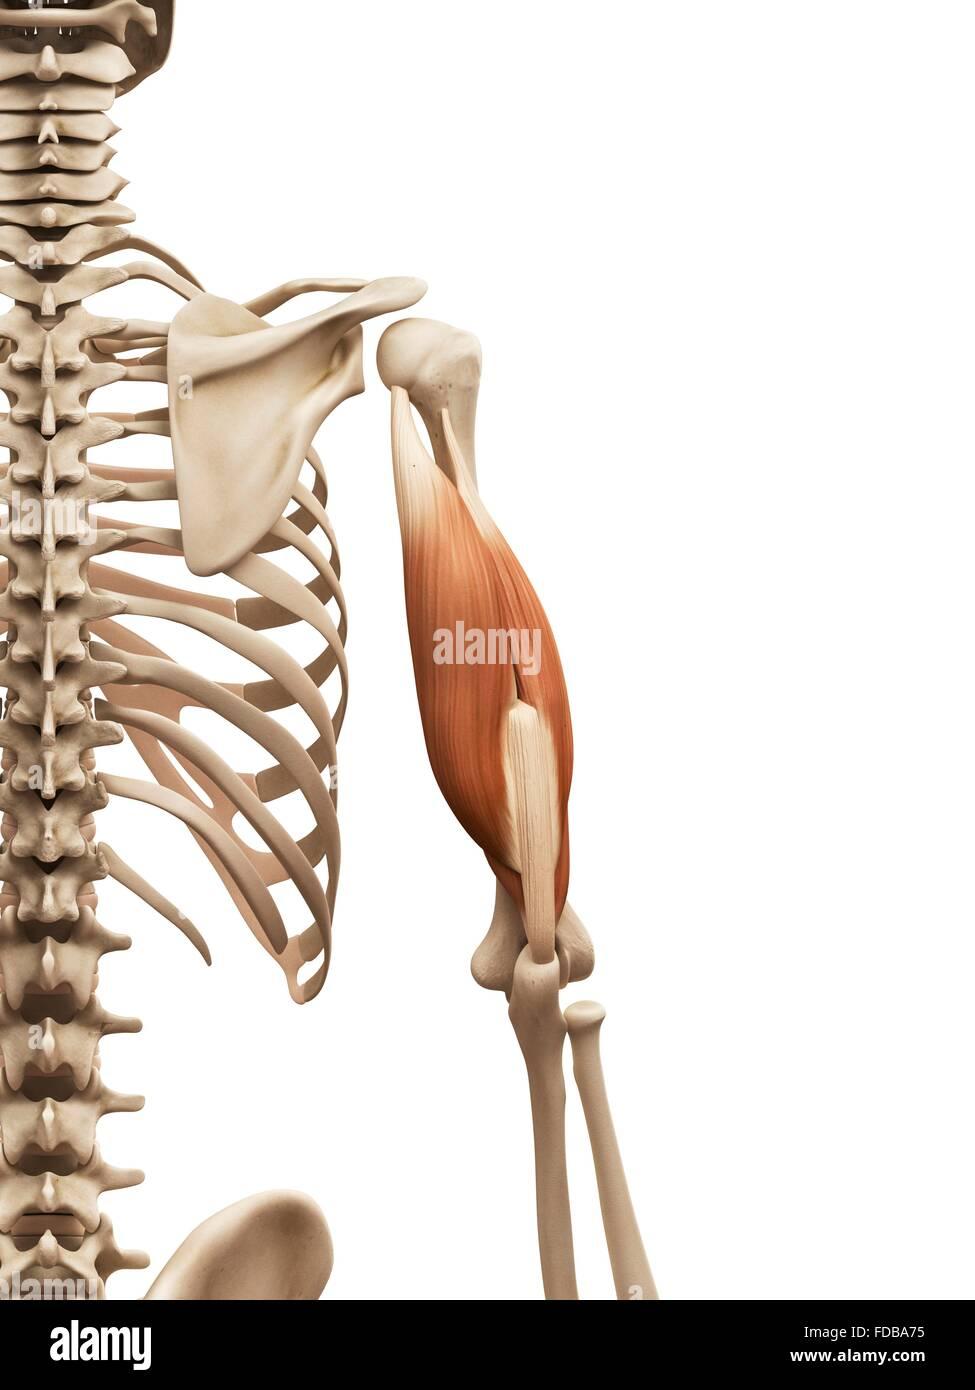 Menschlichen Armmuskulatur (Trizeps), Illustration Stockfoto, Bild ...